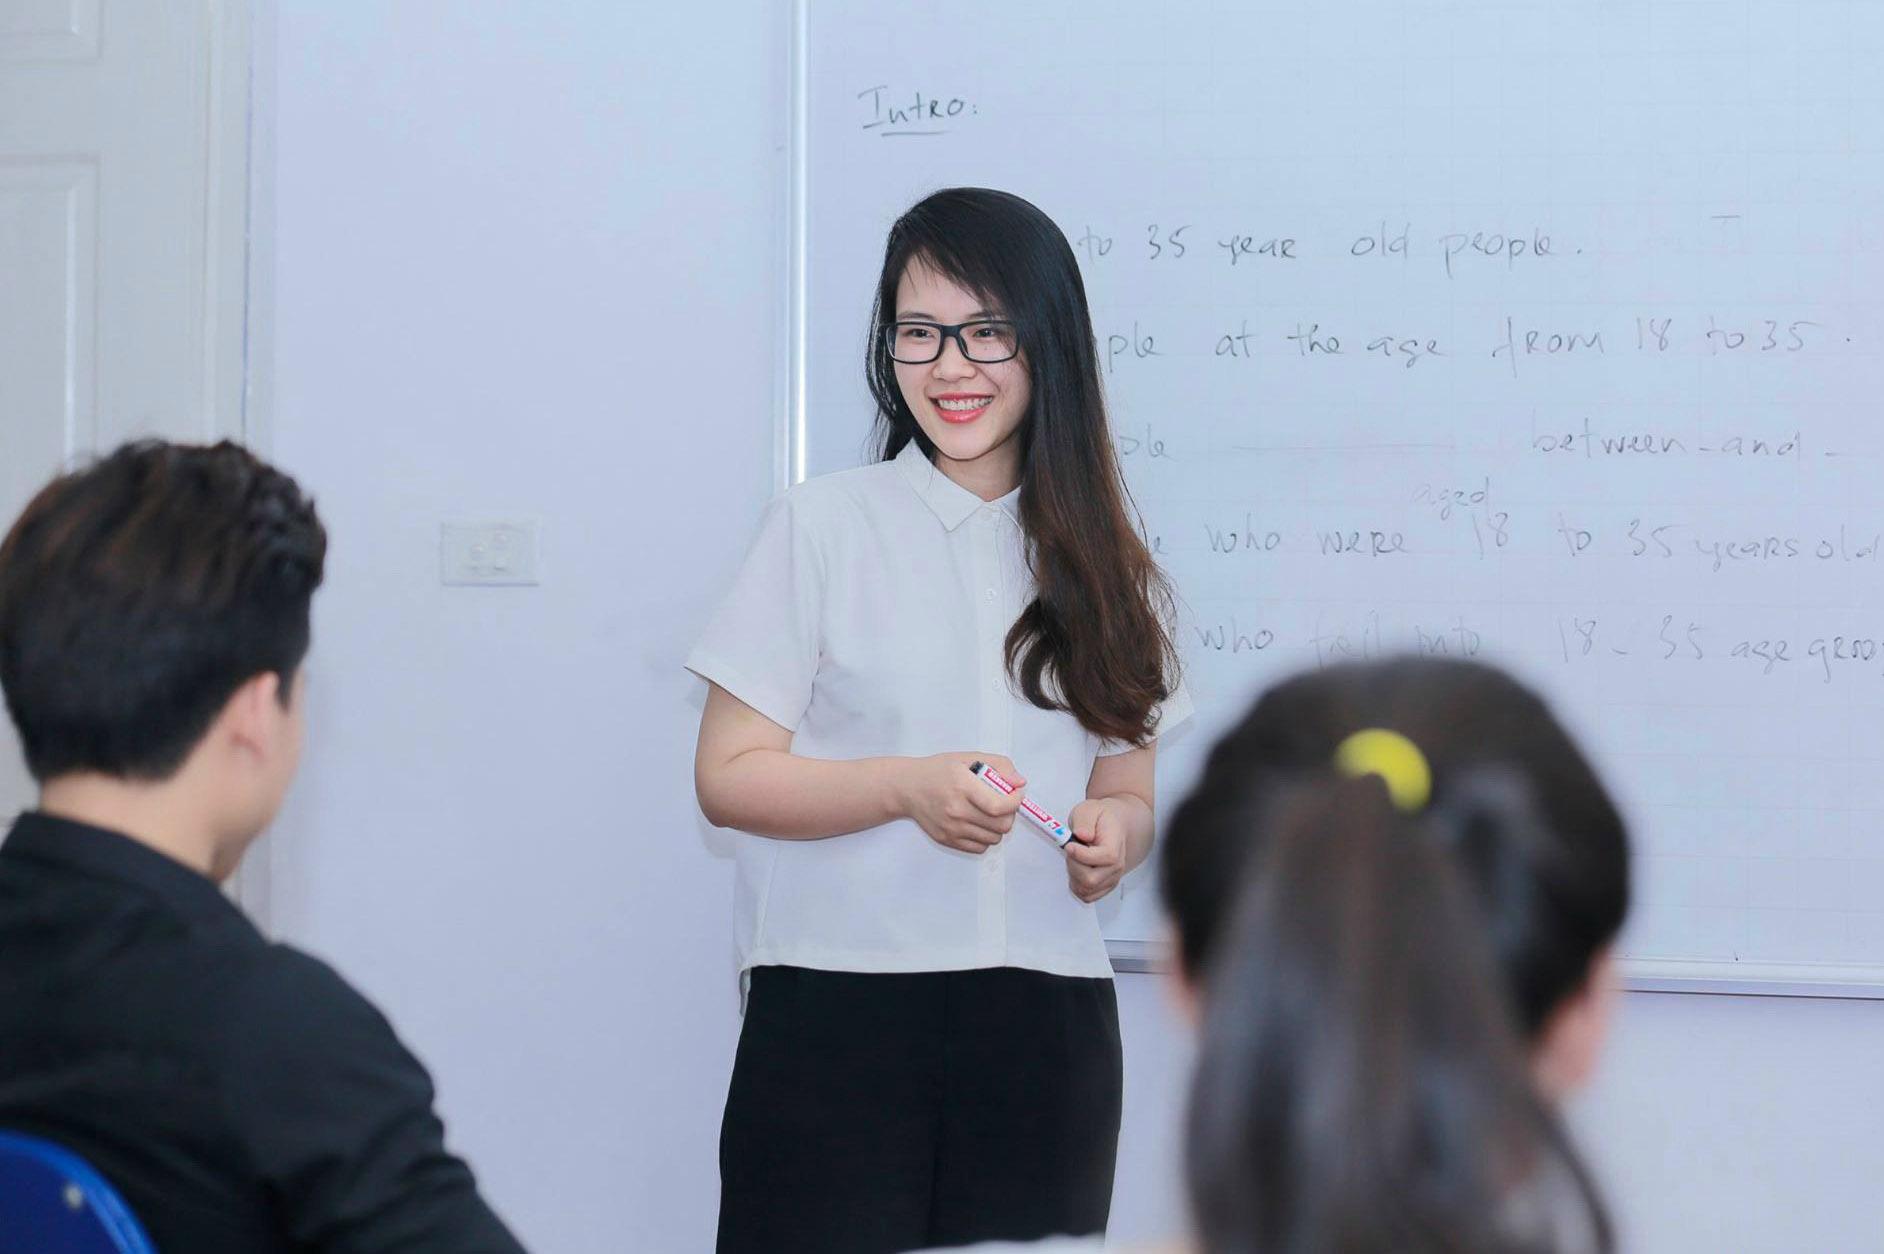 Với hợp đồng dạy tiếng Anh ở nước ngoài thường kéo dài 6 tháng, bạn sẽ thỏa thích được khám phá nhiều nơi khác nhau. Hình: Sưu tầm